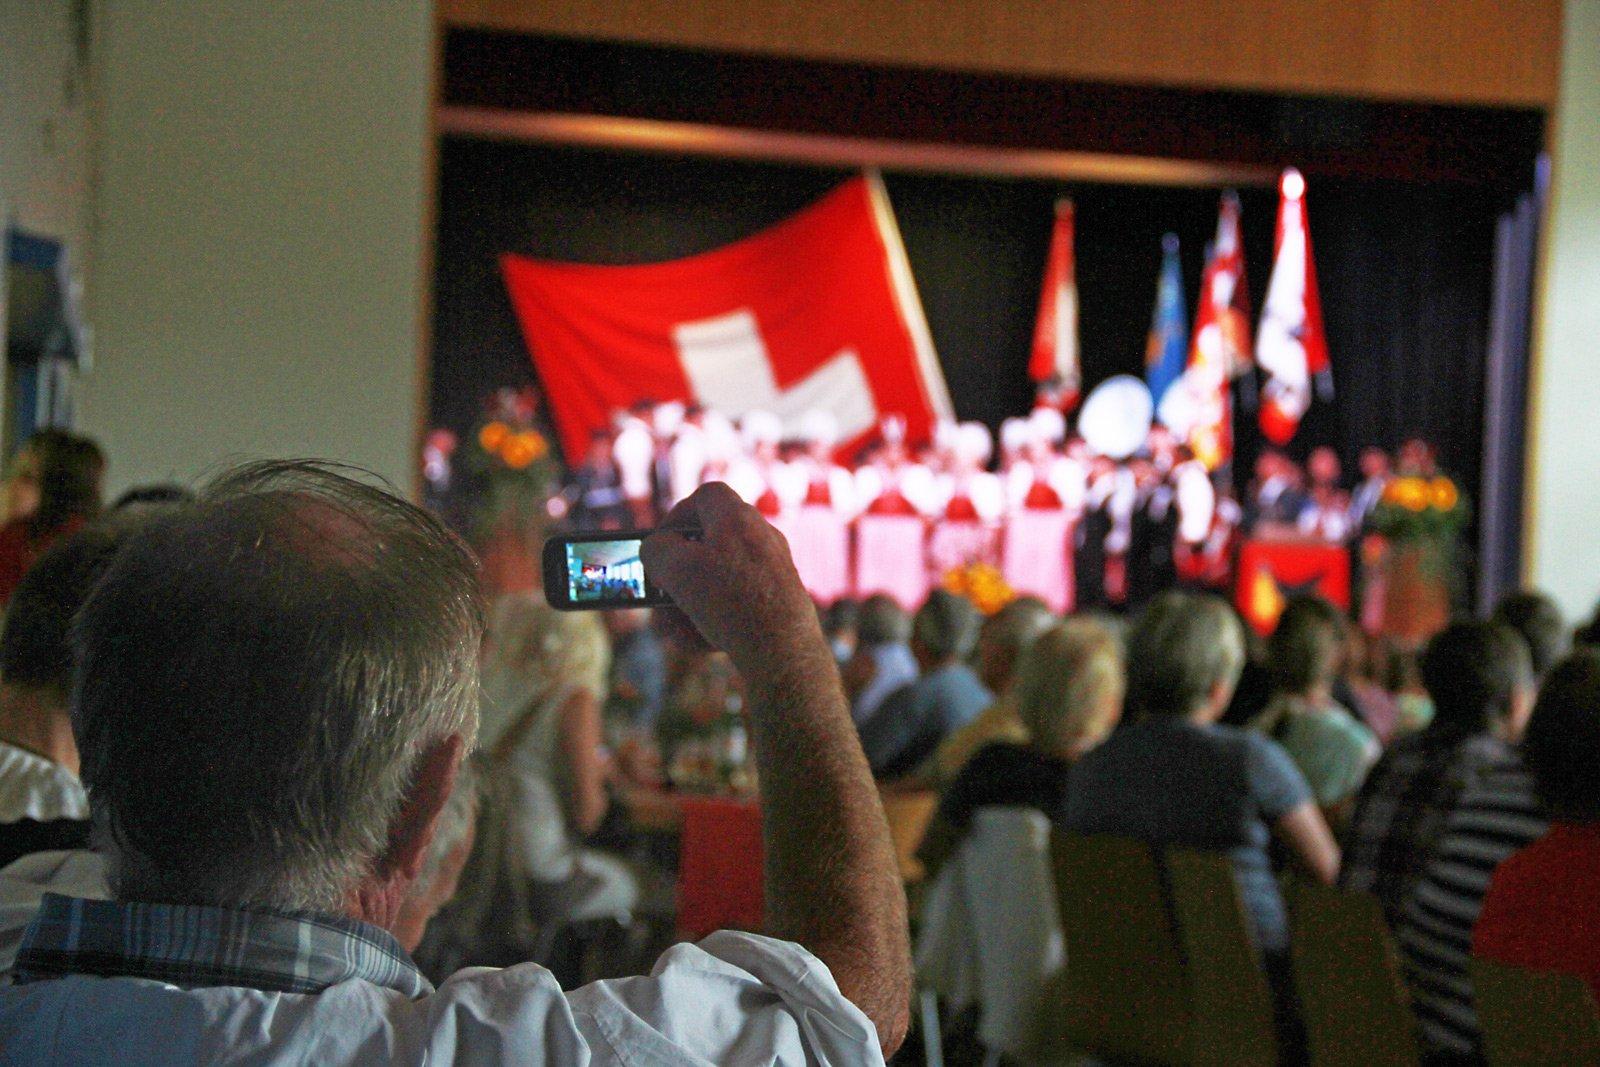 Ein Besucher fotografiert den Musikverein Sattel